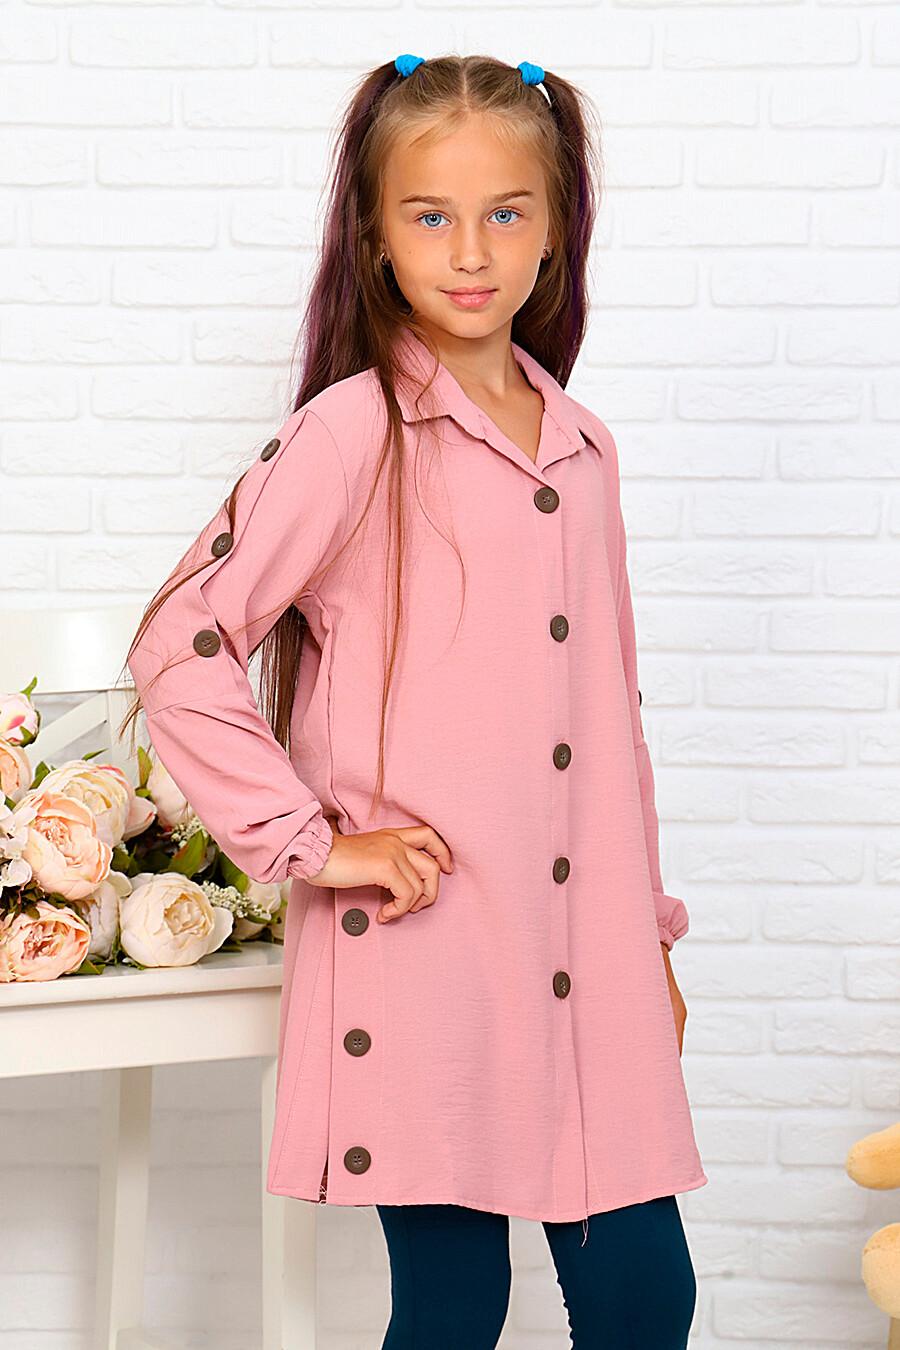 Туника-рубашка для девочек SOFIYA37 667937 купить оптом от производителя. Совместная покупка детской одежды в OptMoyo